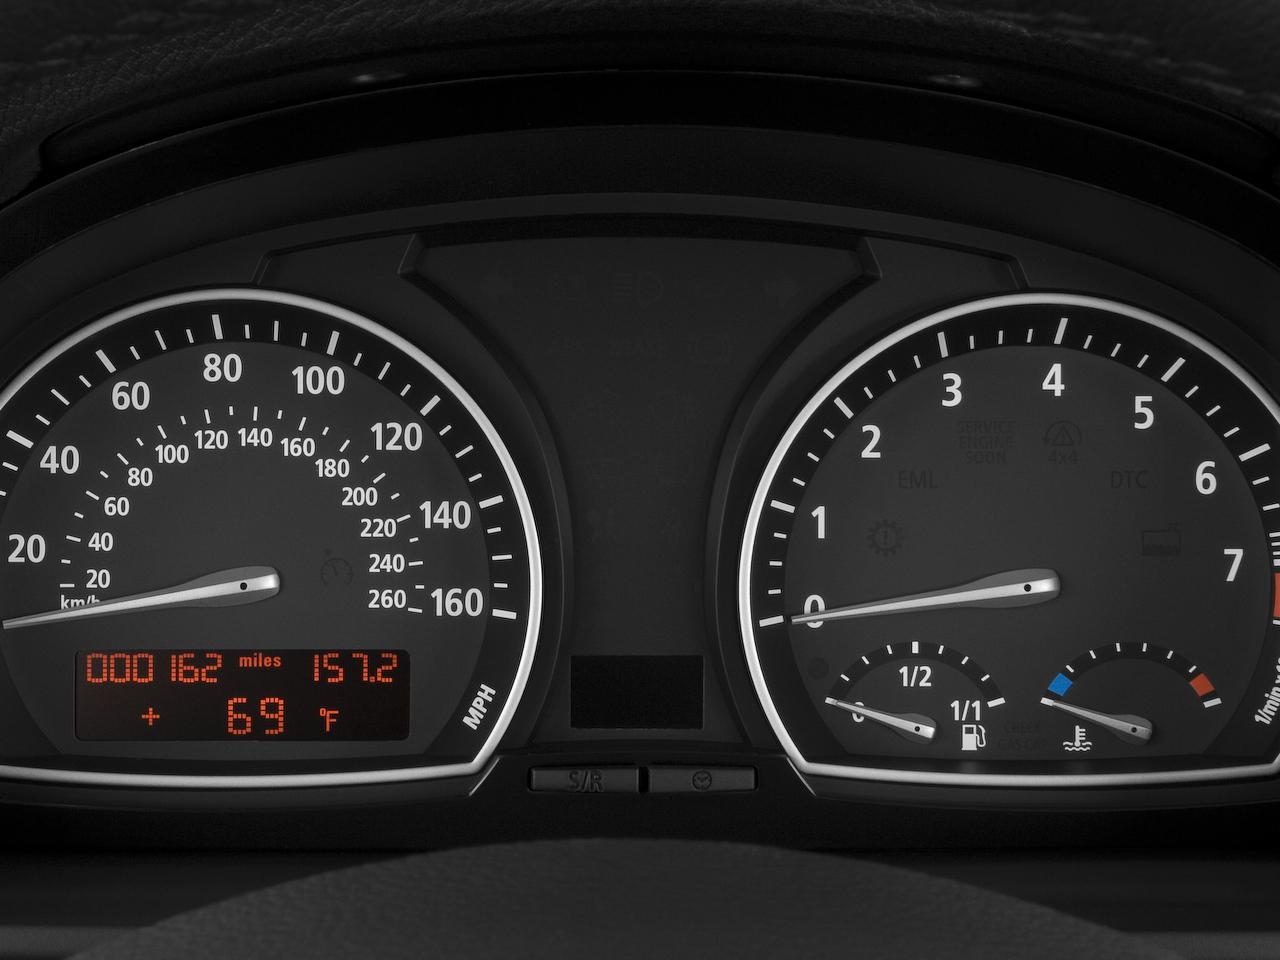 2008 BMW X3 Hybrid - 2008 & 2009 Future Cars Sneak Preview